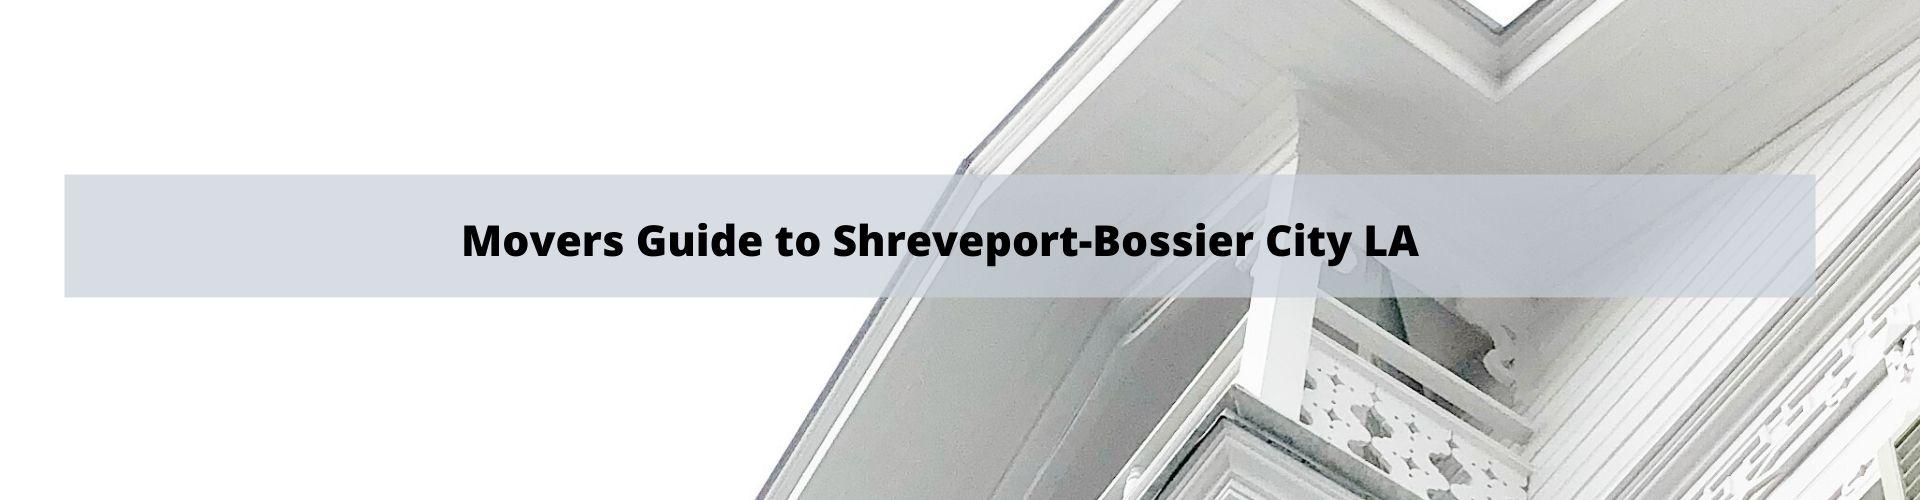 Shreveport-Bossier City LA Movers Guide